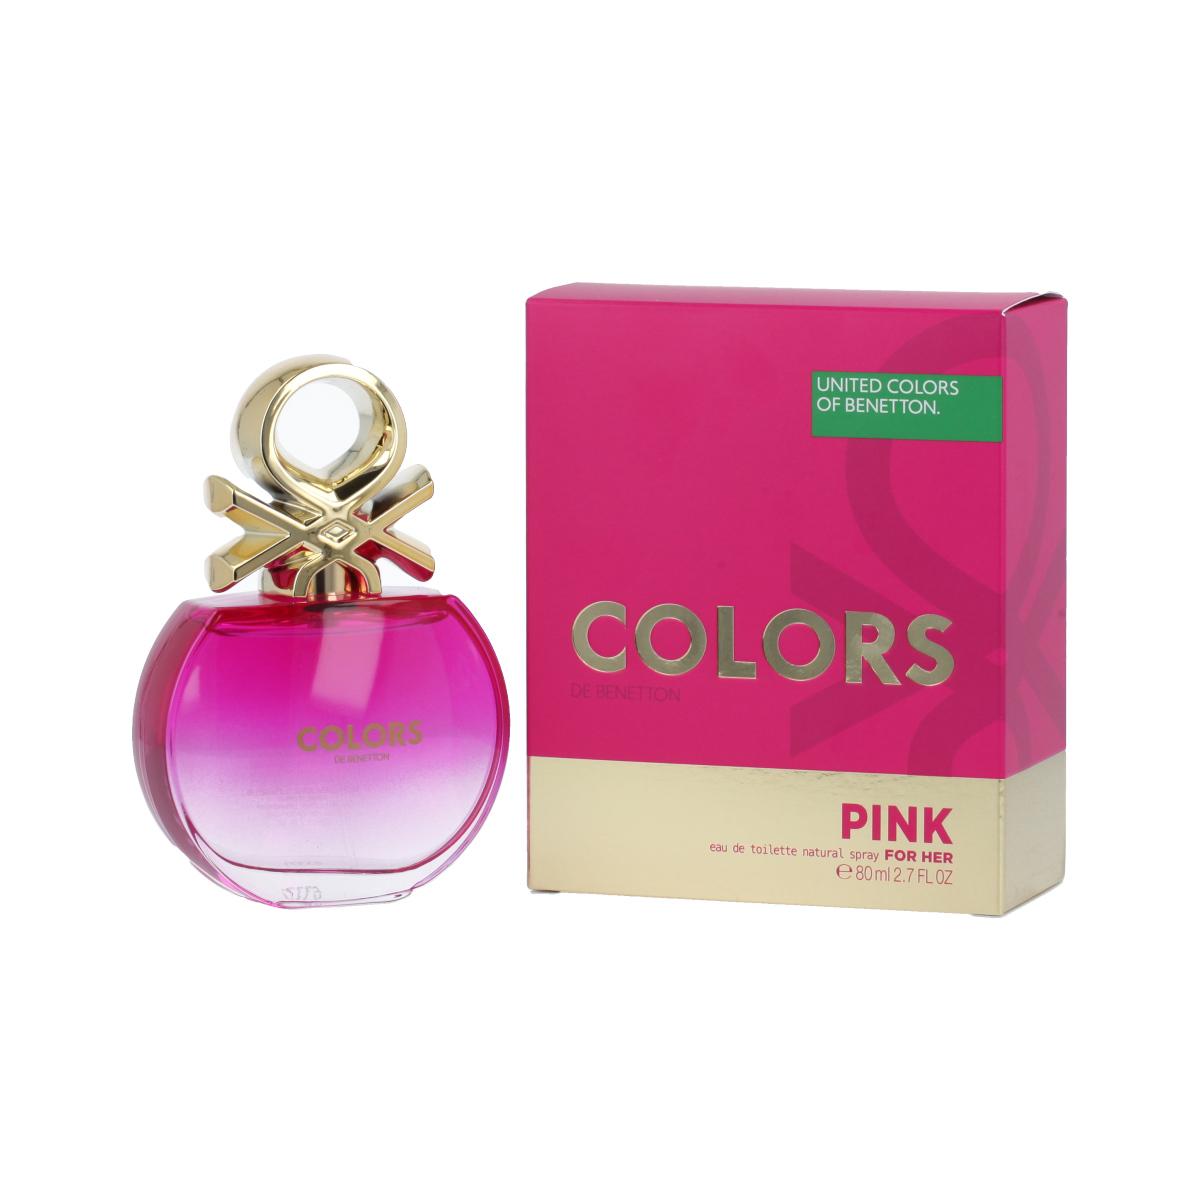 Benetton Colors de Benetton Pink Eau De Toilette 80 ml (woman) 96602